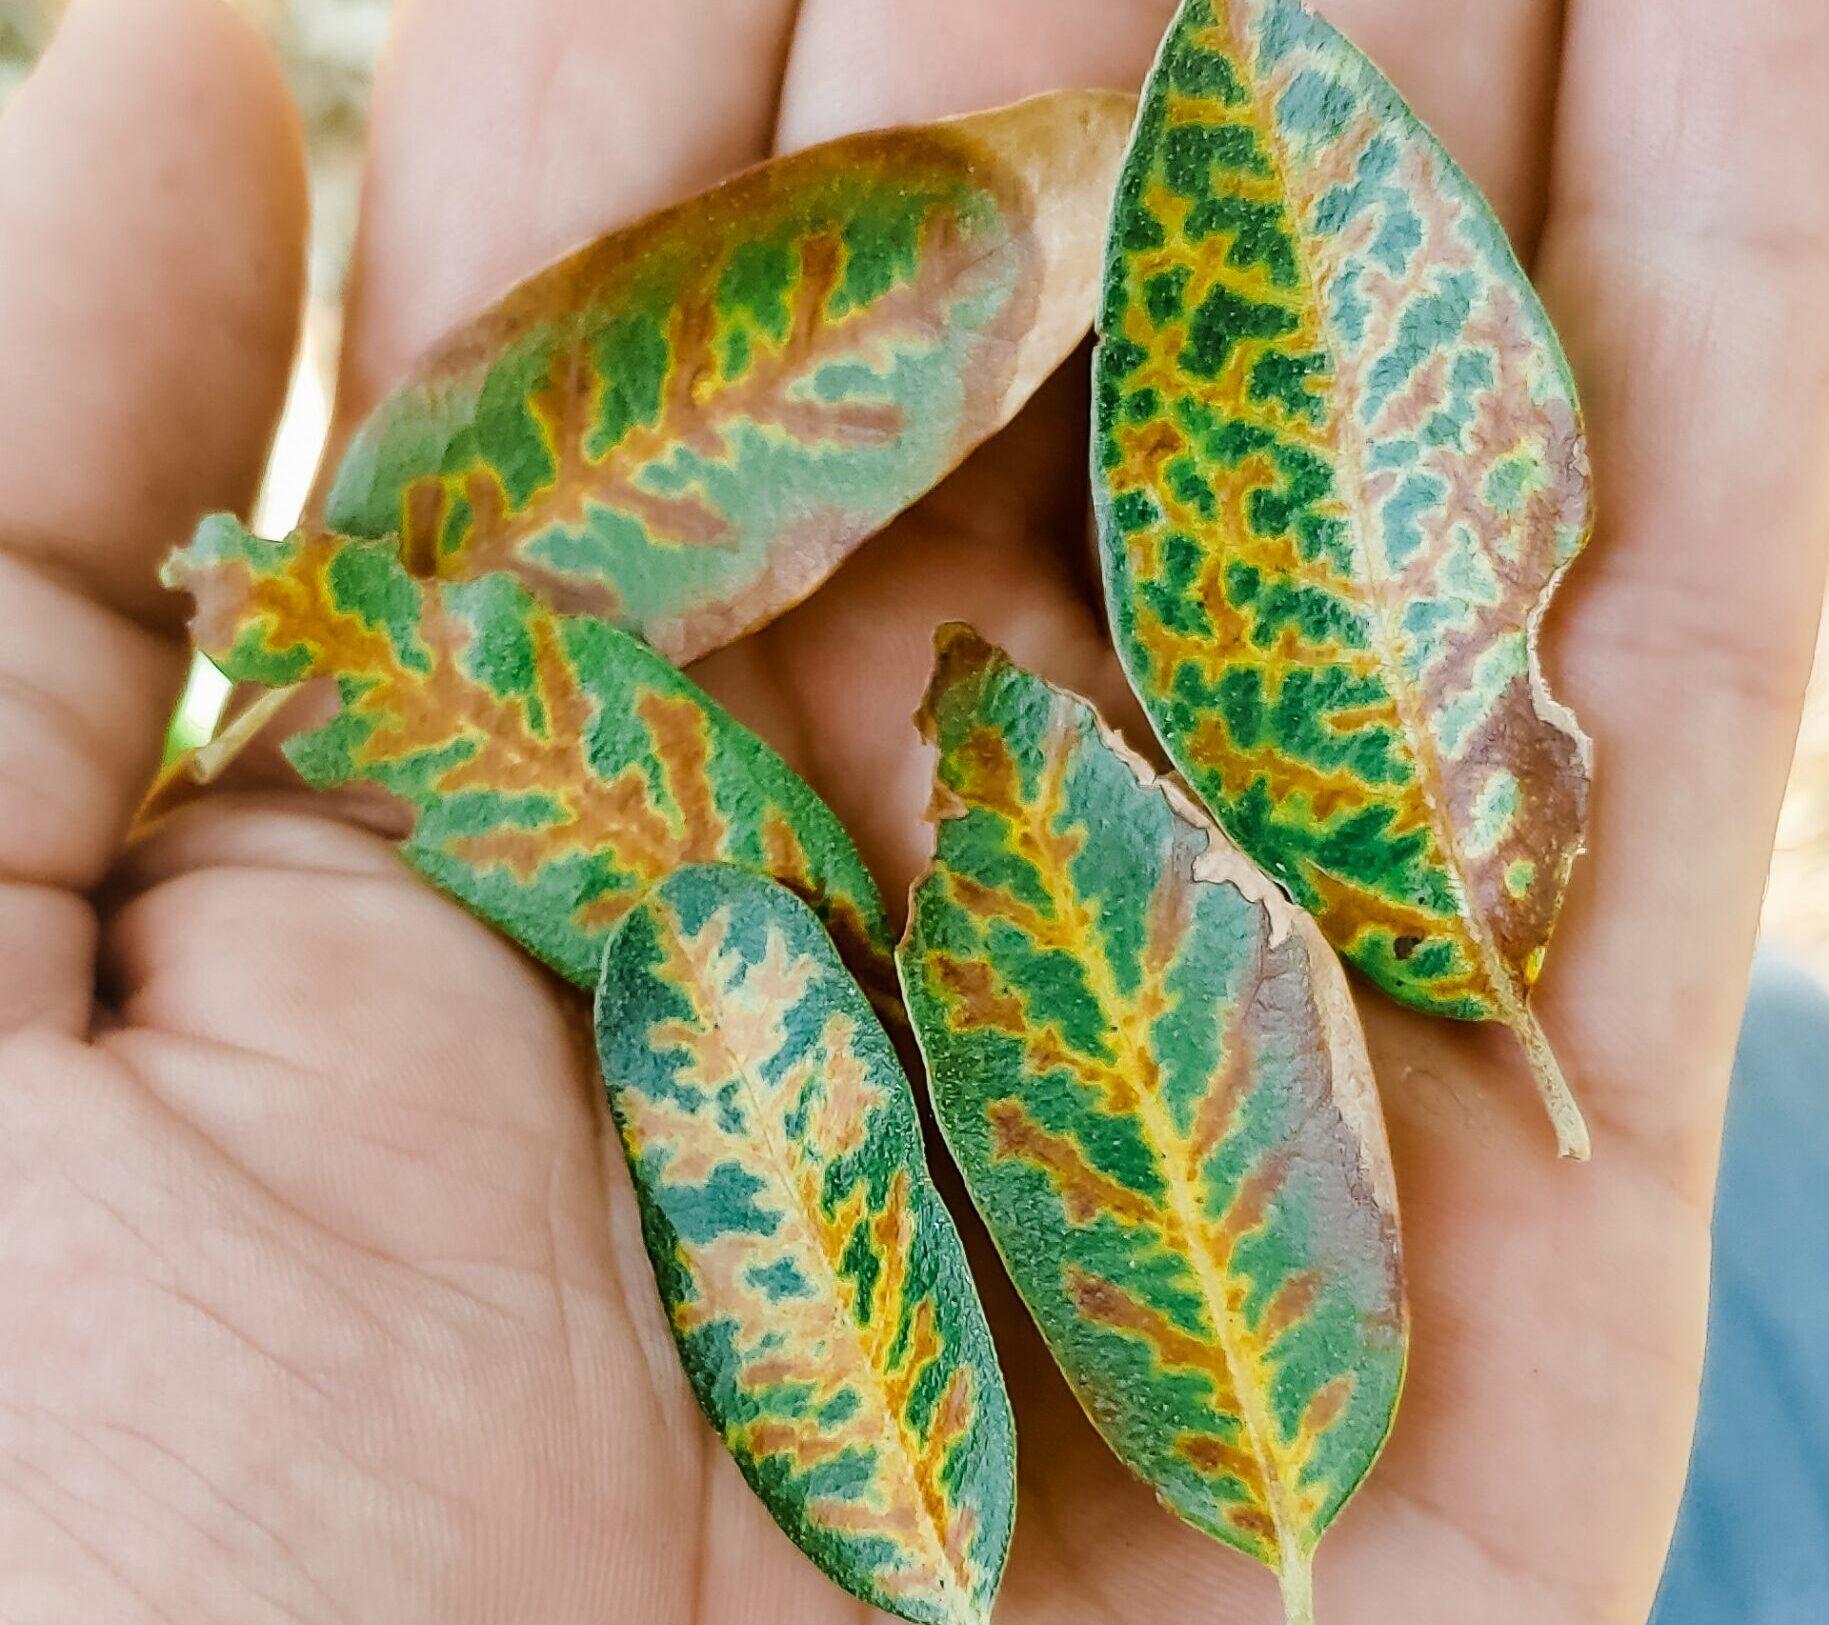 Foliar Symptom of Oak Wilt